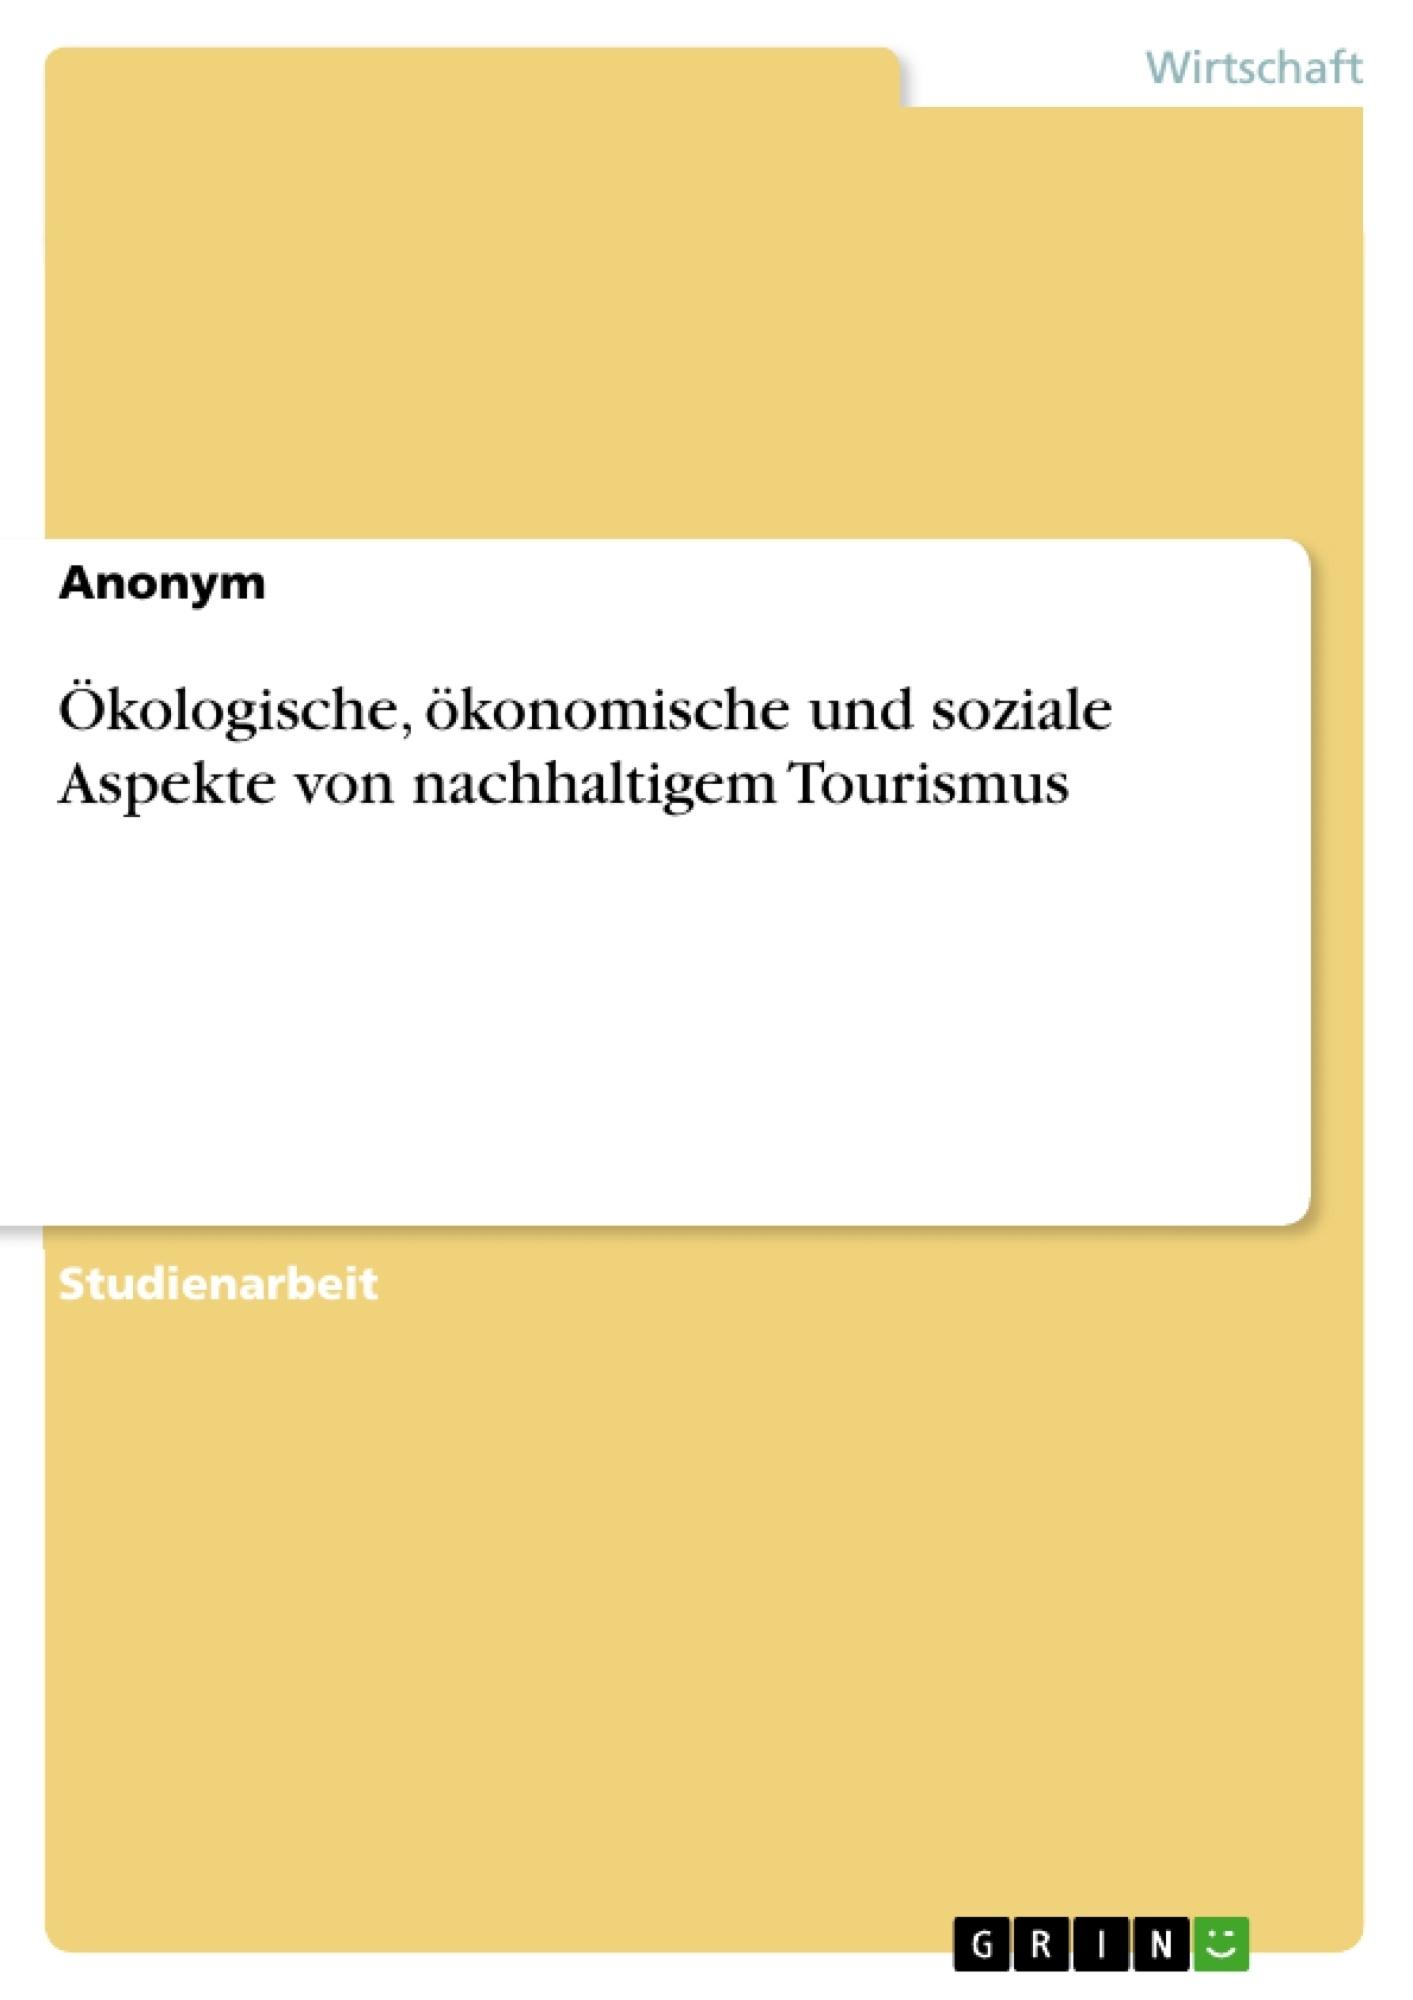 Titel: Ökologische, ökonomische und soziale Aspekte von nachhaltigem Tourismus